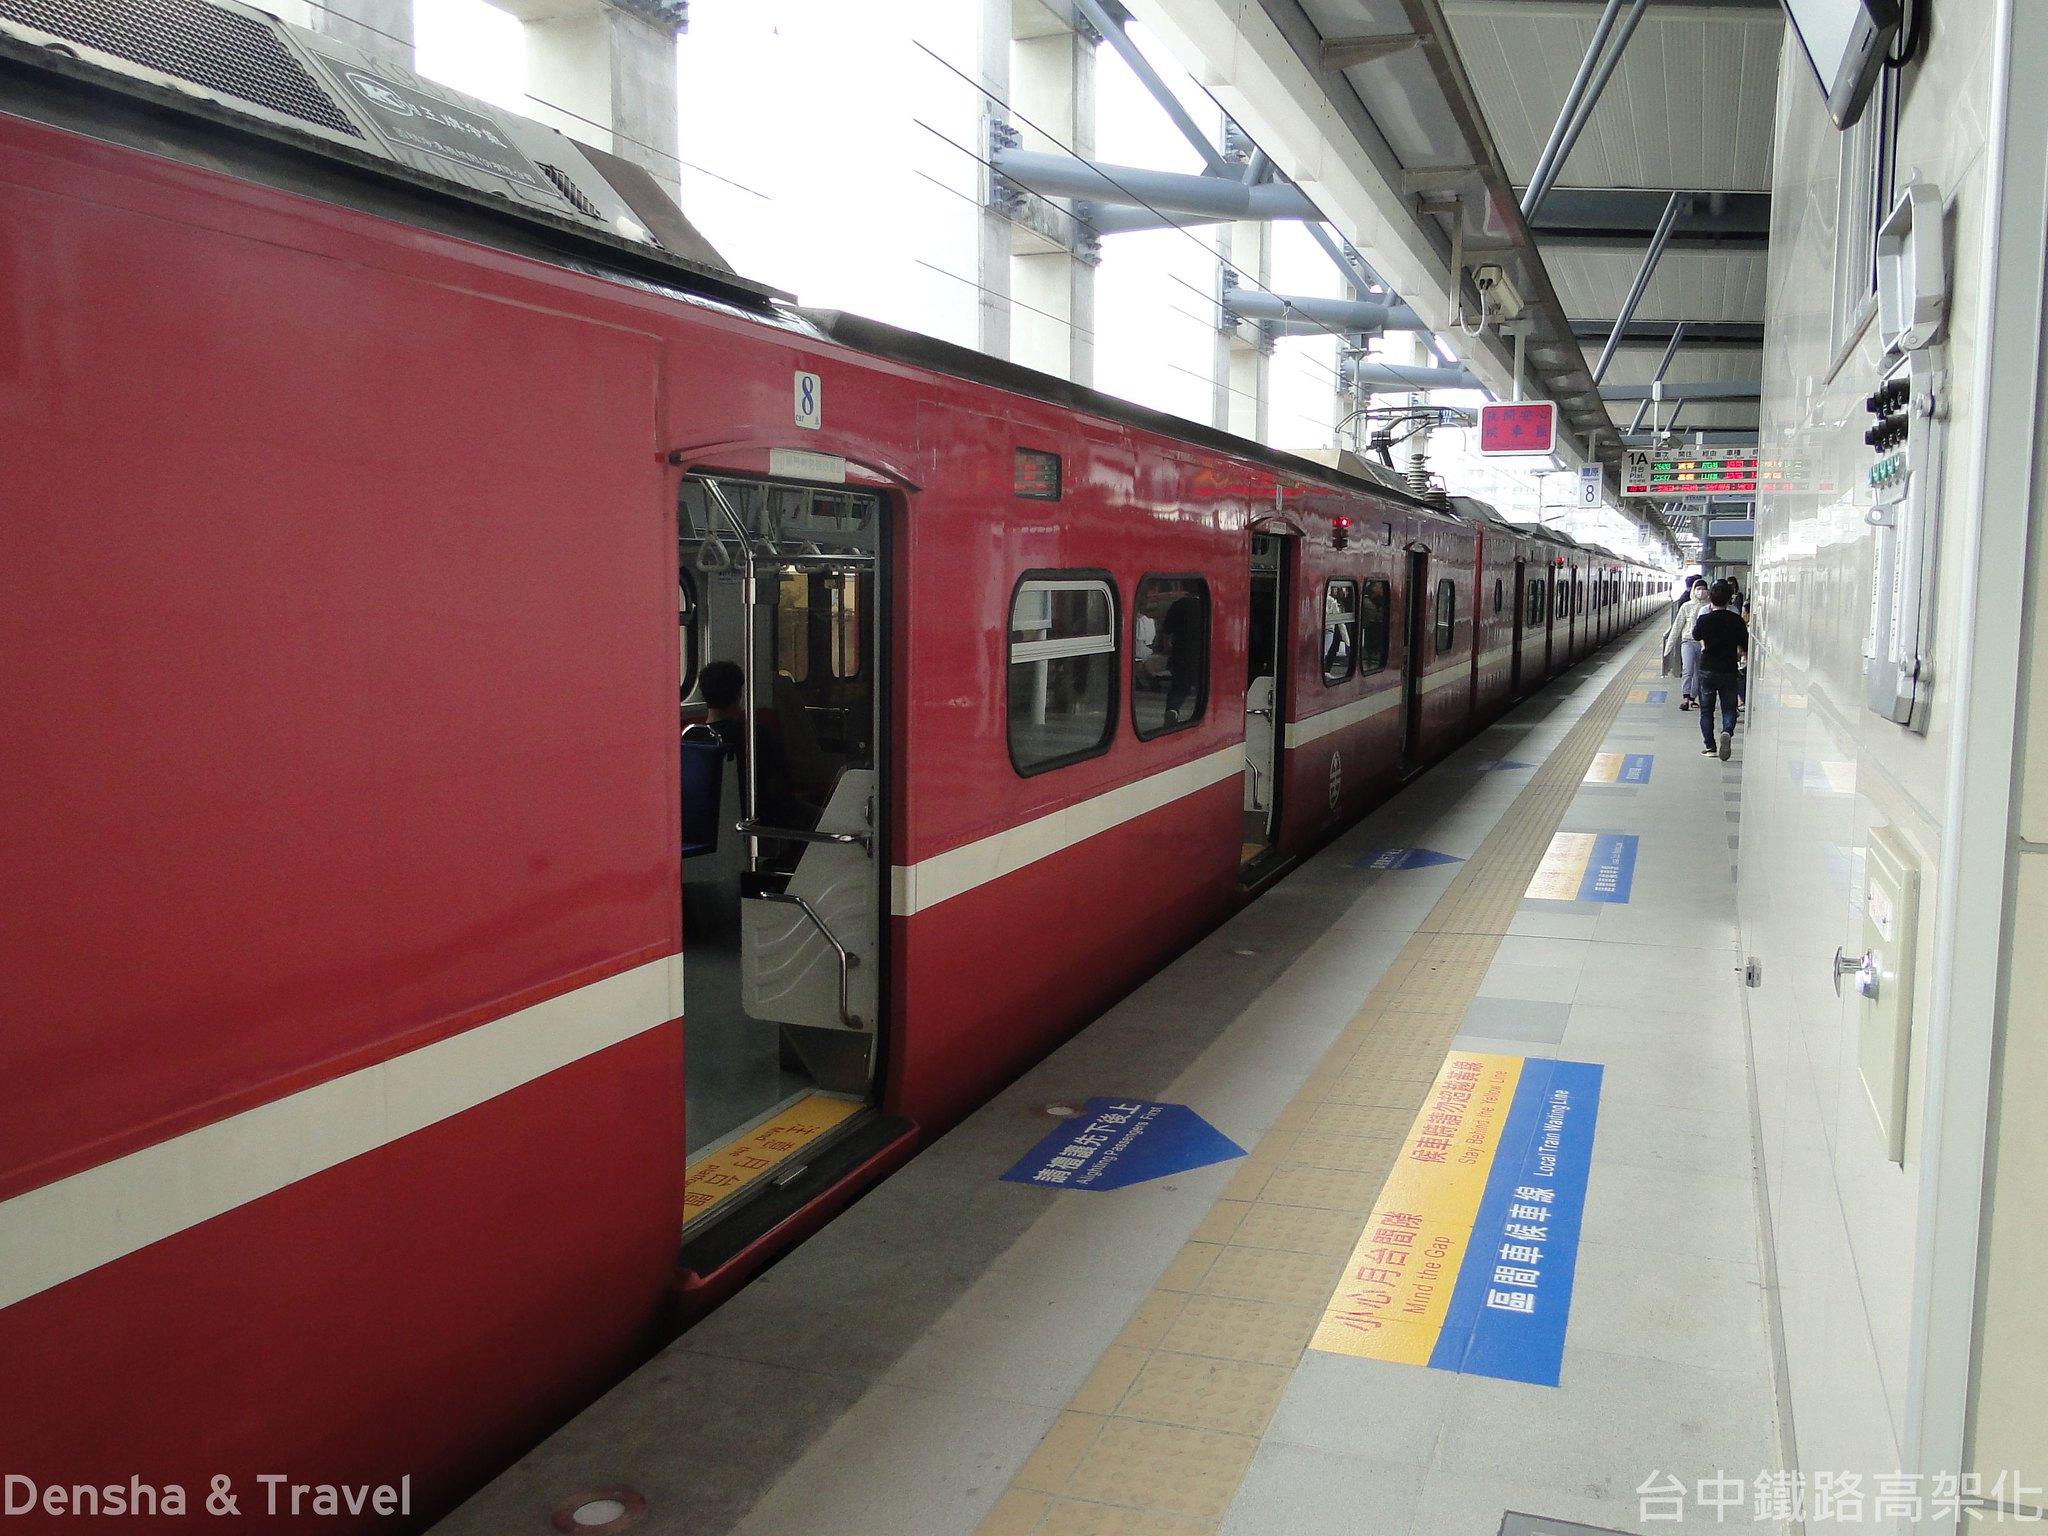 台中鐵路高架化 無階化示意圖